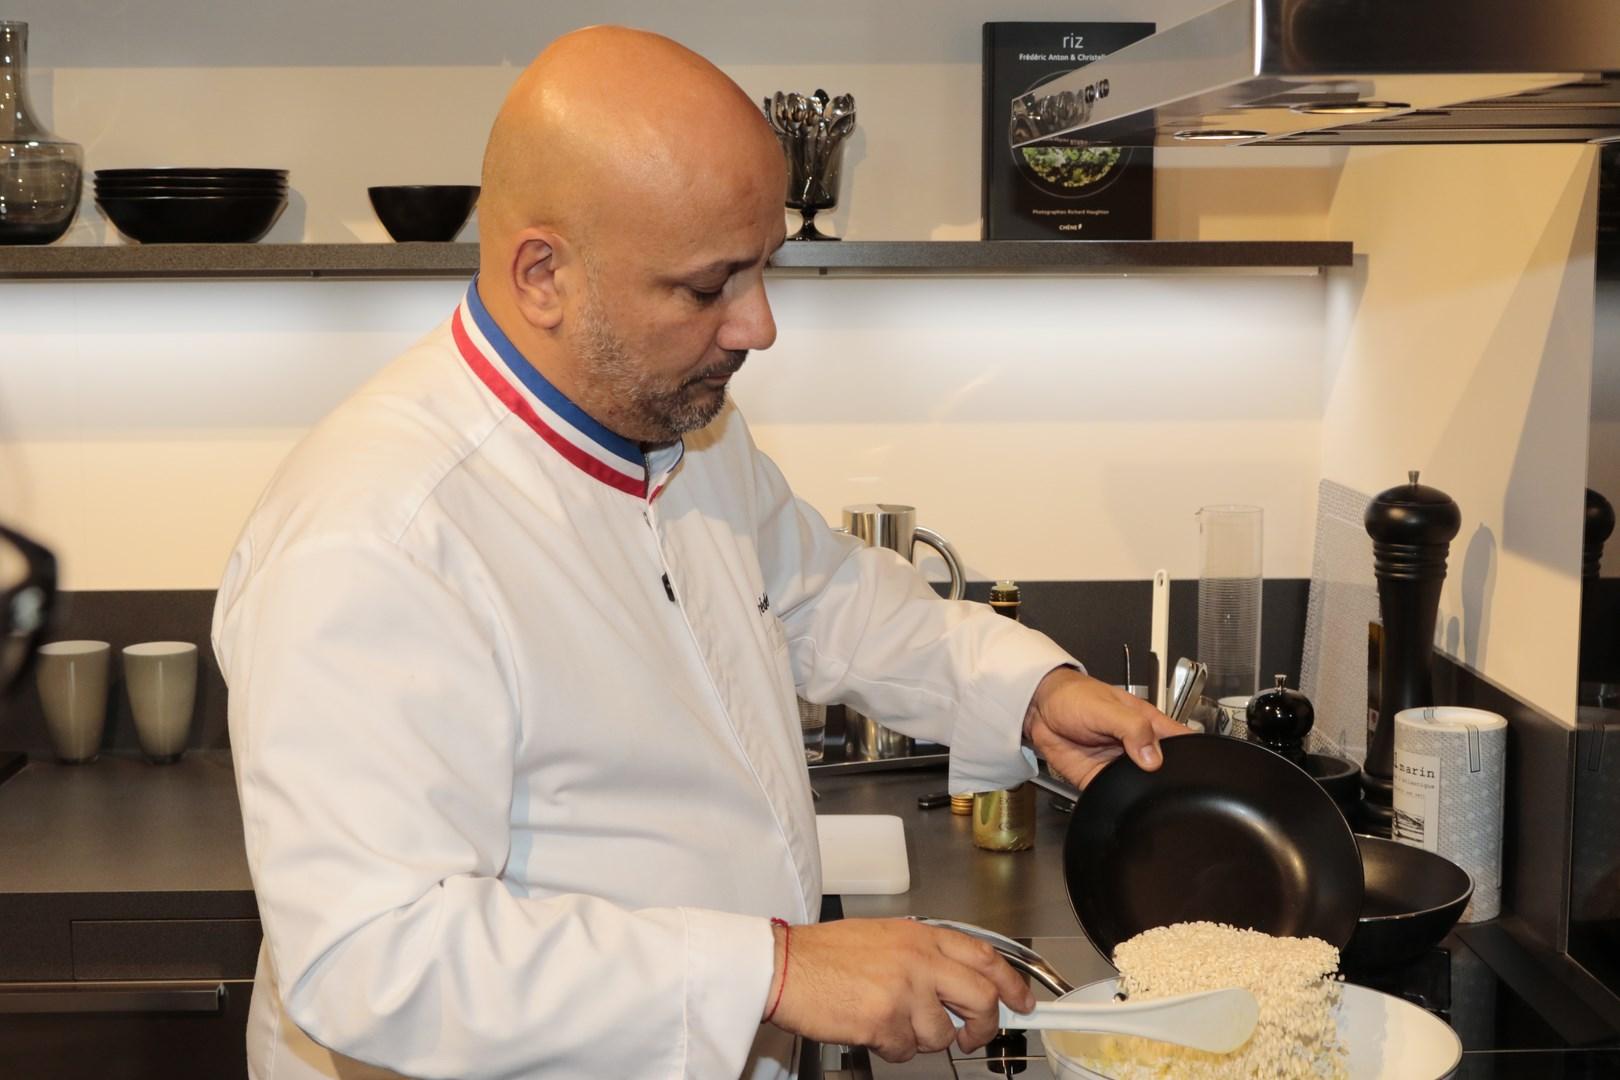 Lapeyre une cuisine de chef accessible for Cuisine fonctionnelle et ergonomique